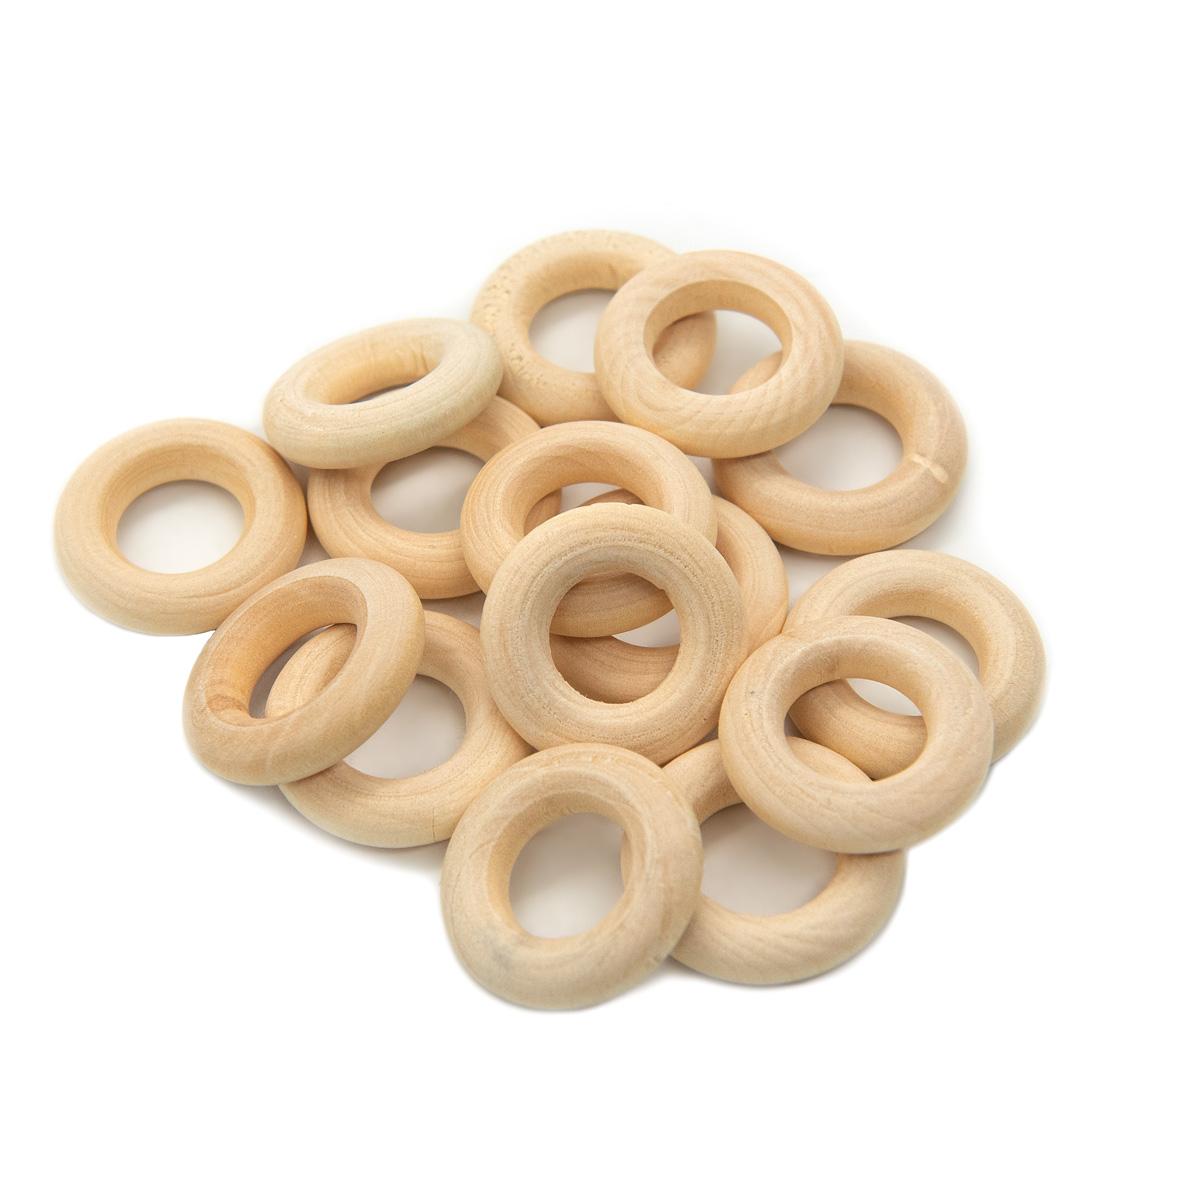 Бусины деревянные неокрашенные кольцо 20 мм, 15шт